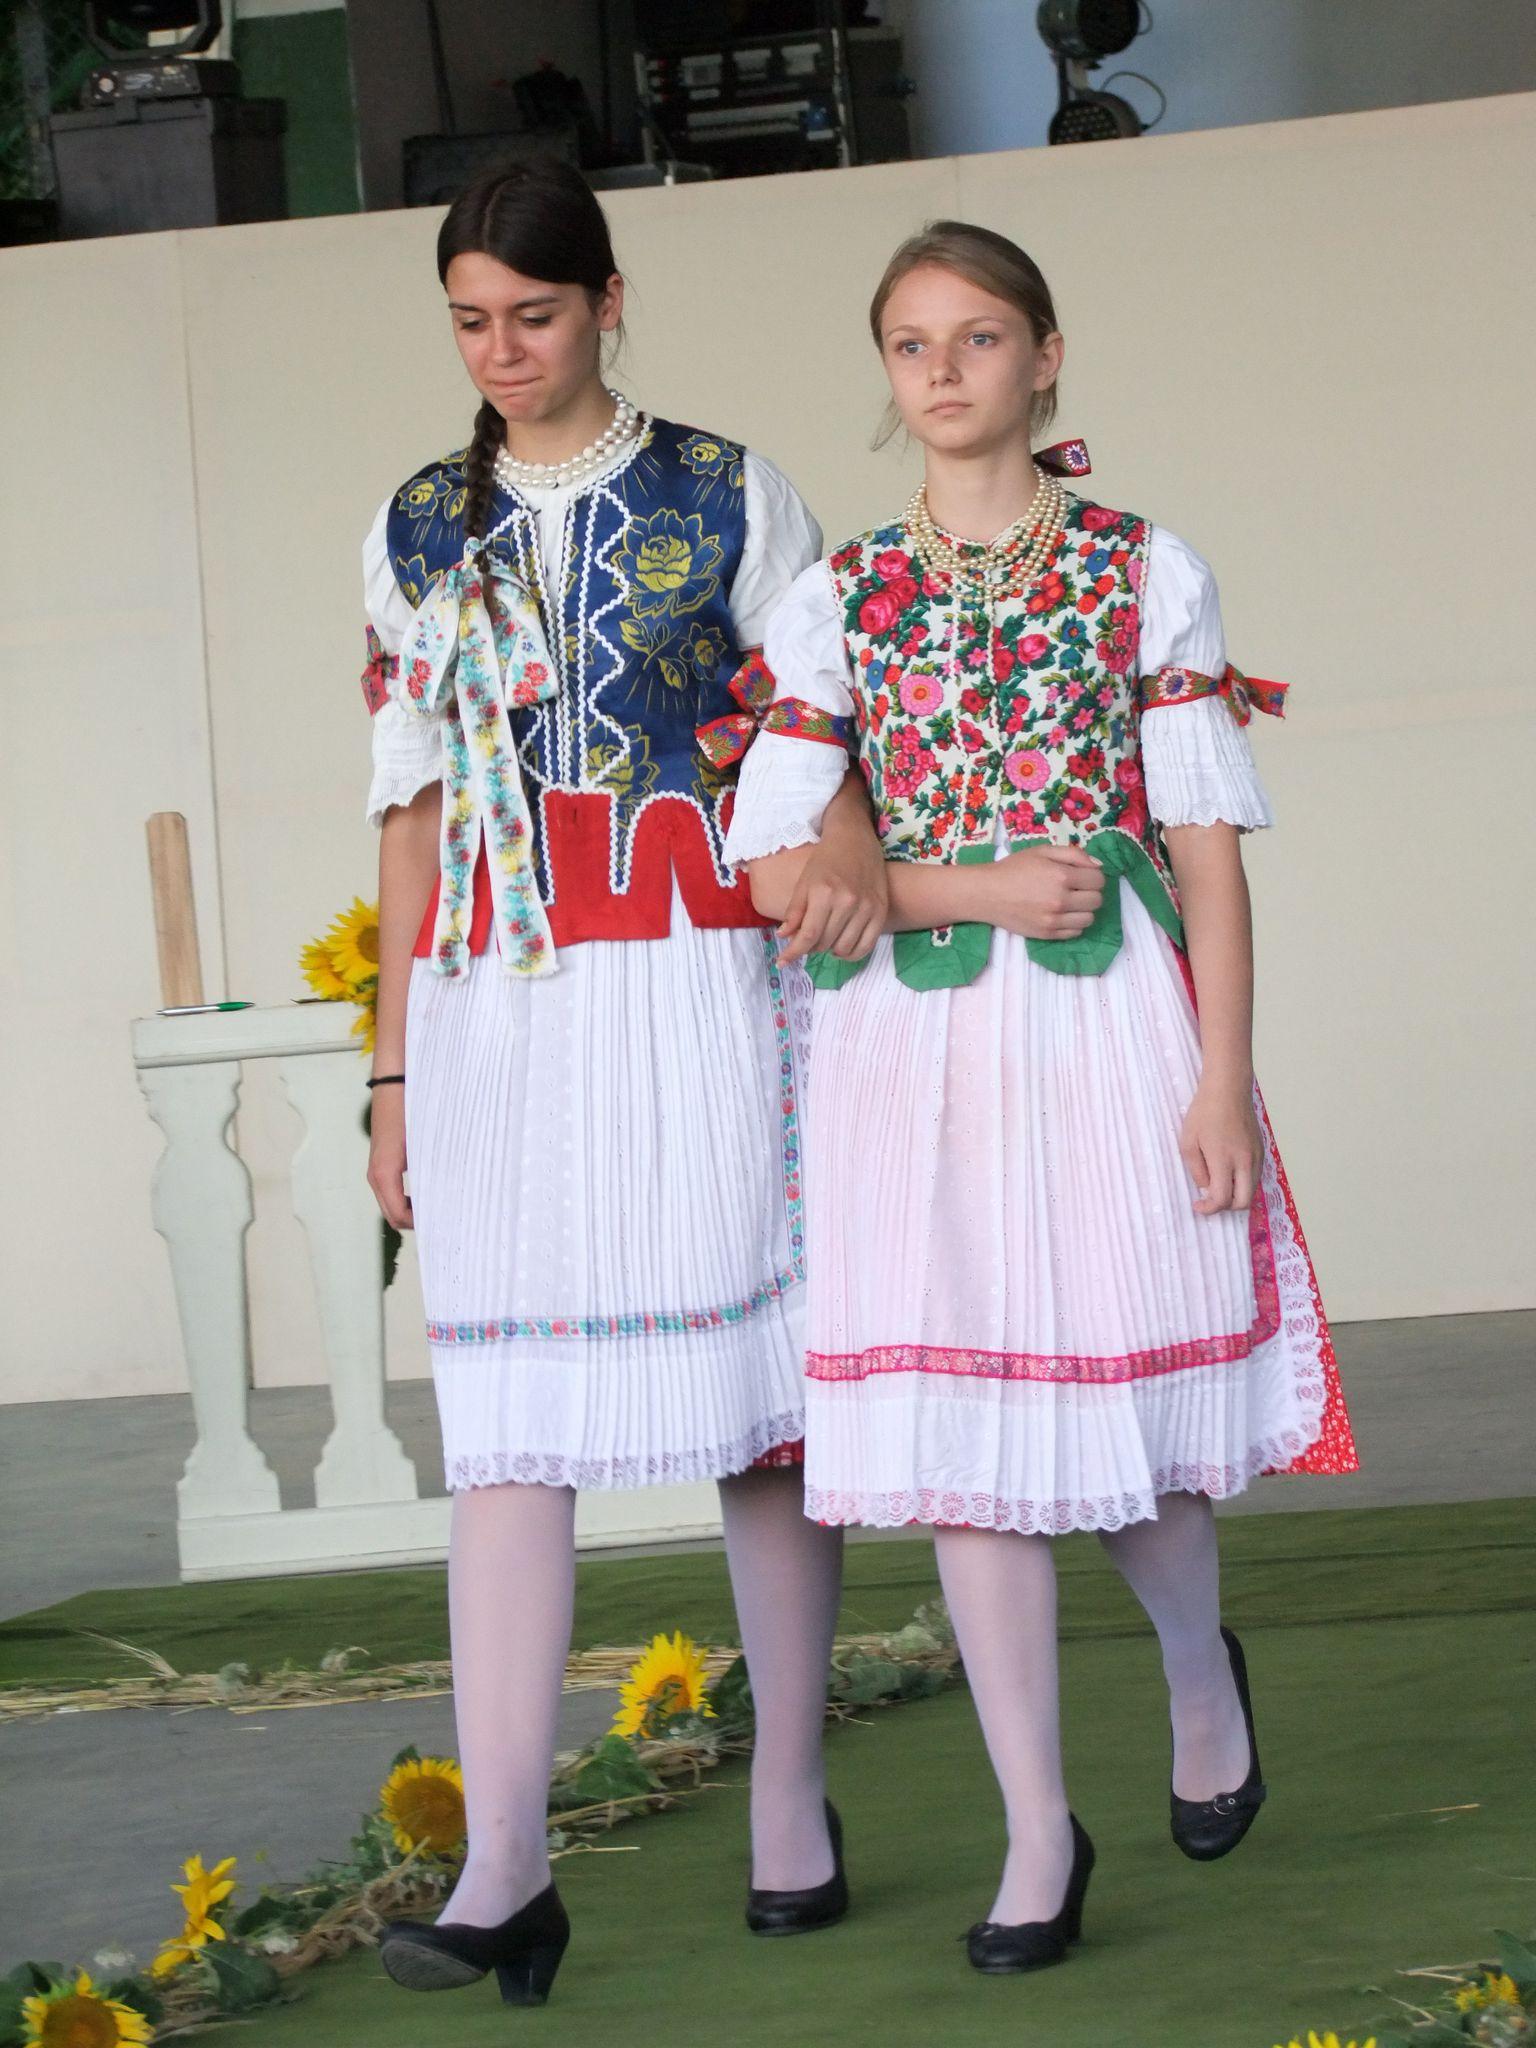 Pogrányi lányok ünnepi viseletben (Fotó: TK)